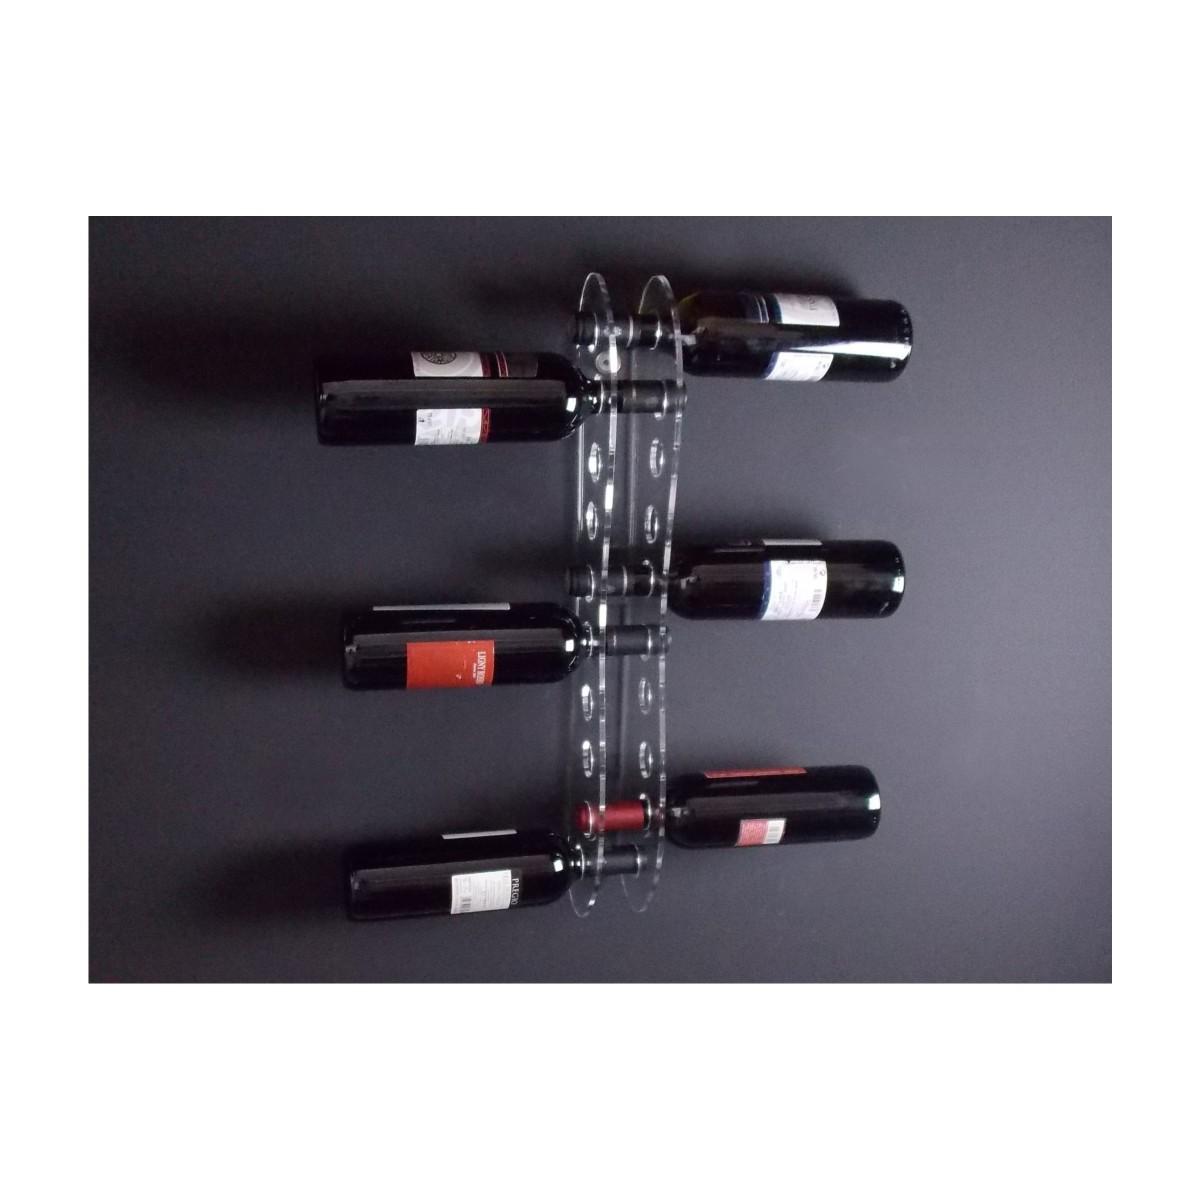 E-090 PBT-D - Portabottiglie in plexiglass trasparente per 10 bottiglie - Misure: 13 x 6 x H60 cm